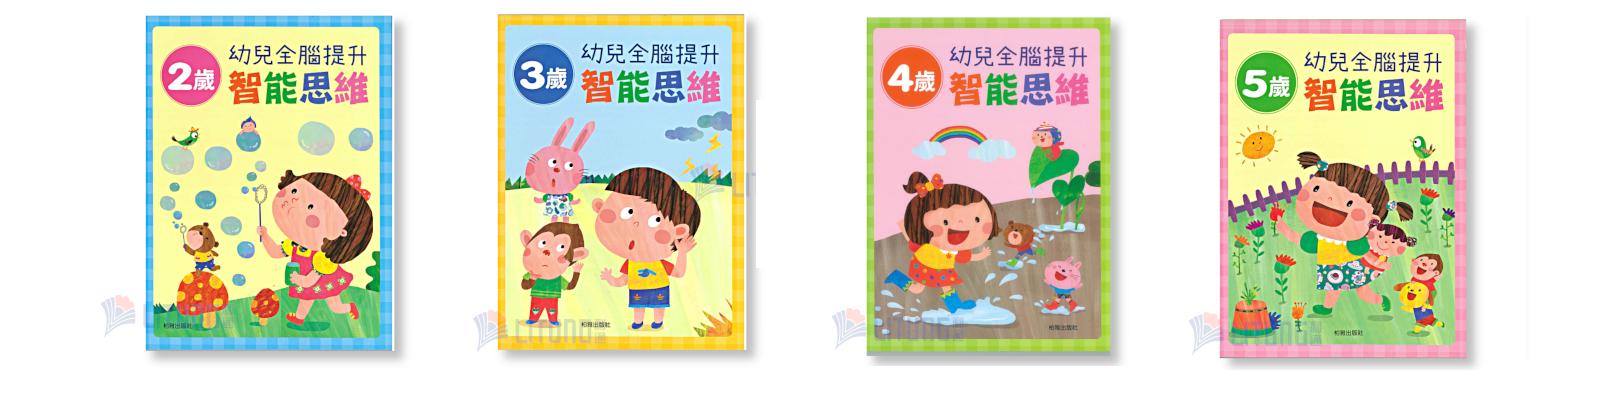 Banner Small 栢雅 《幼兒全腦提升 - 智能思維 2 3 4 5 歲》1600x 400